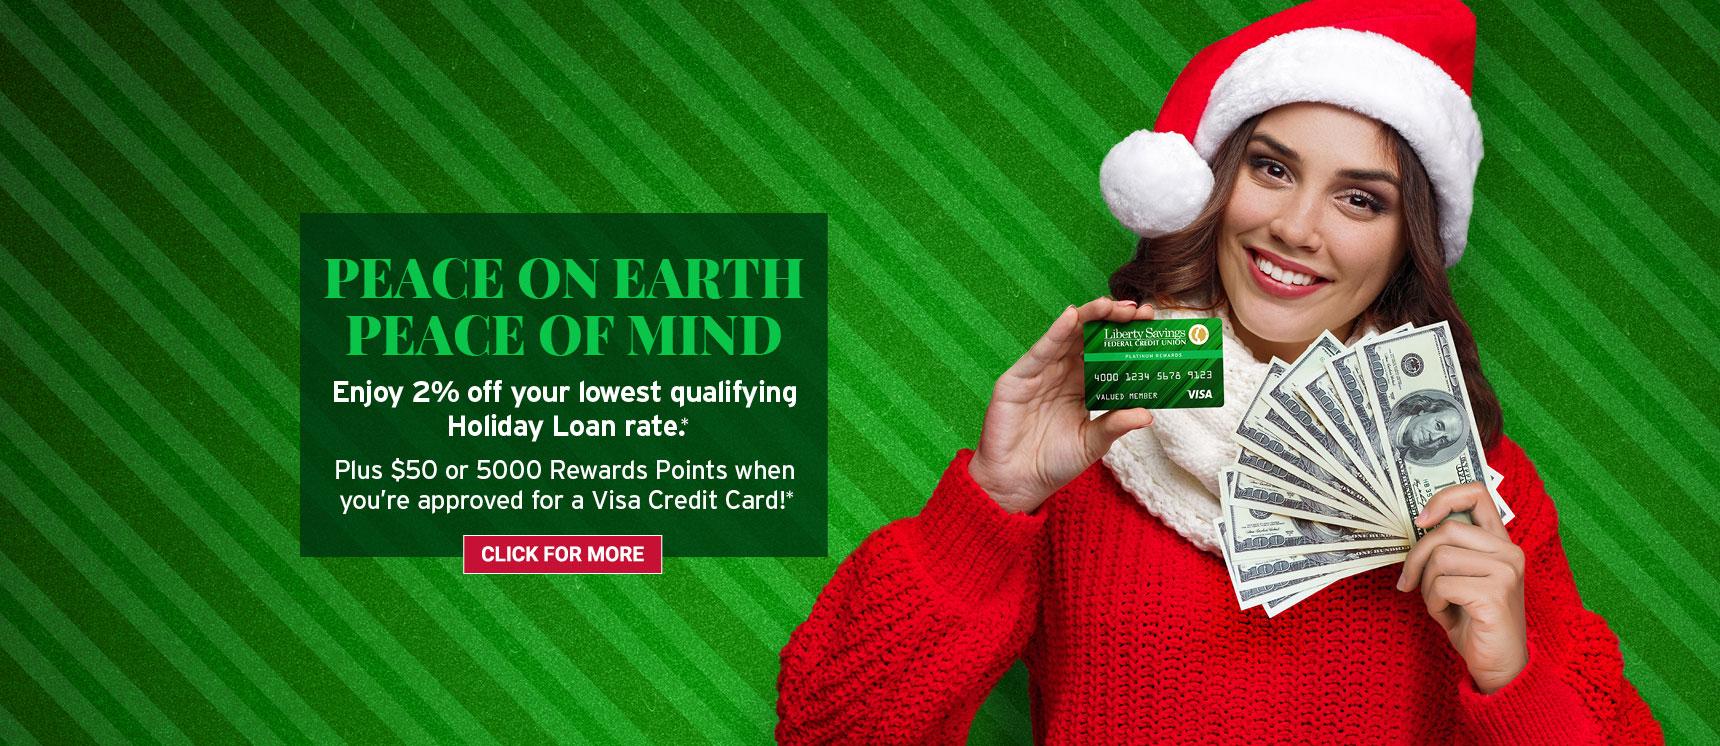 Happy woman holding holiday loan cash and a liberty savings visa credit card